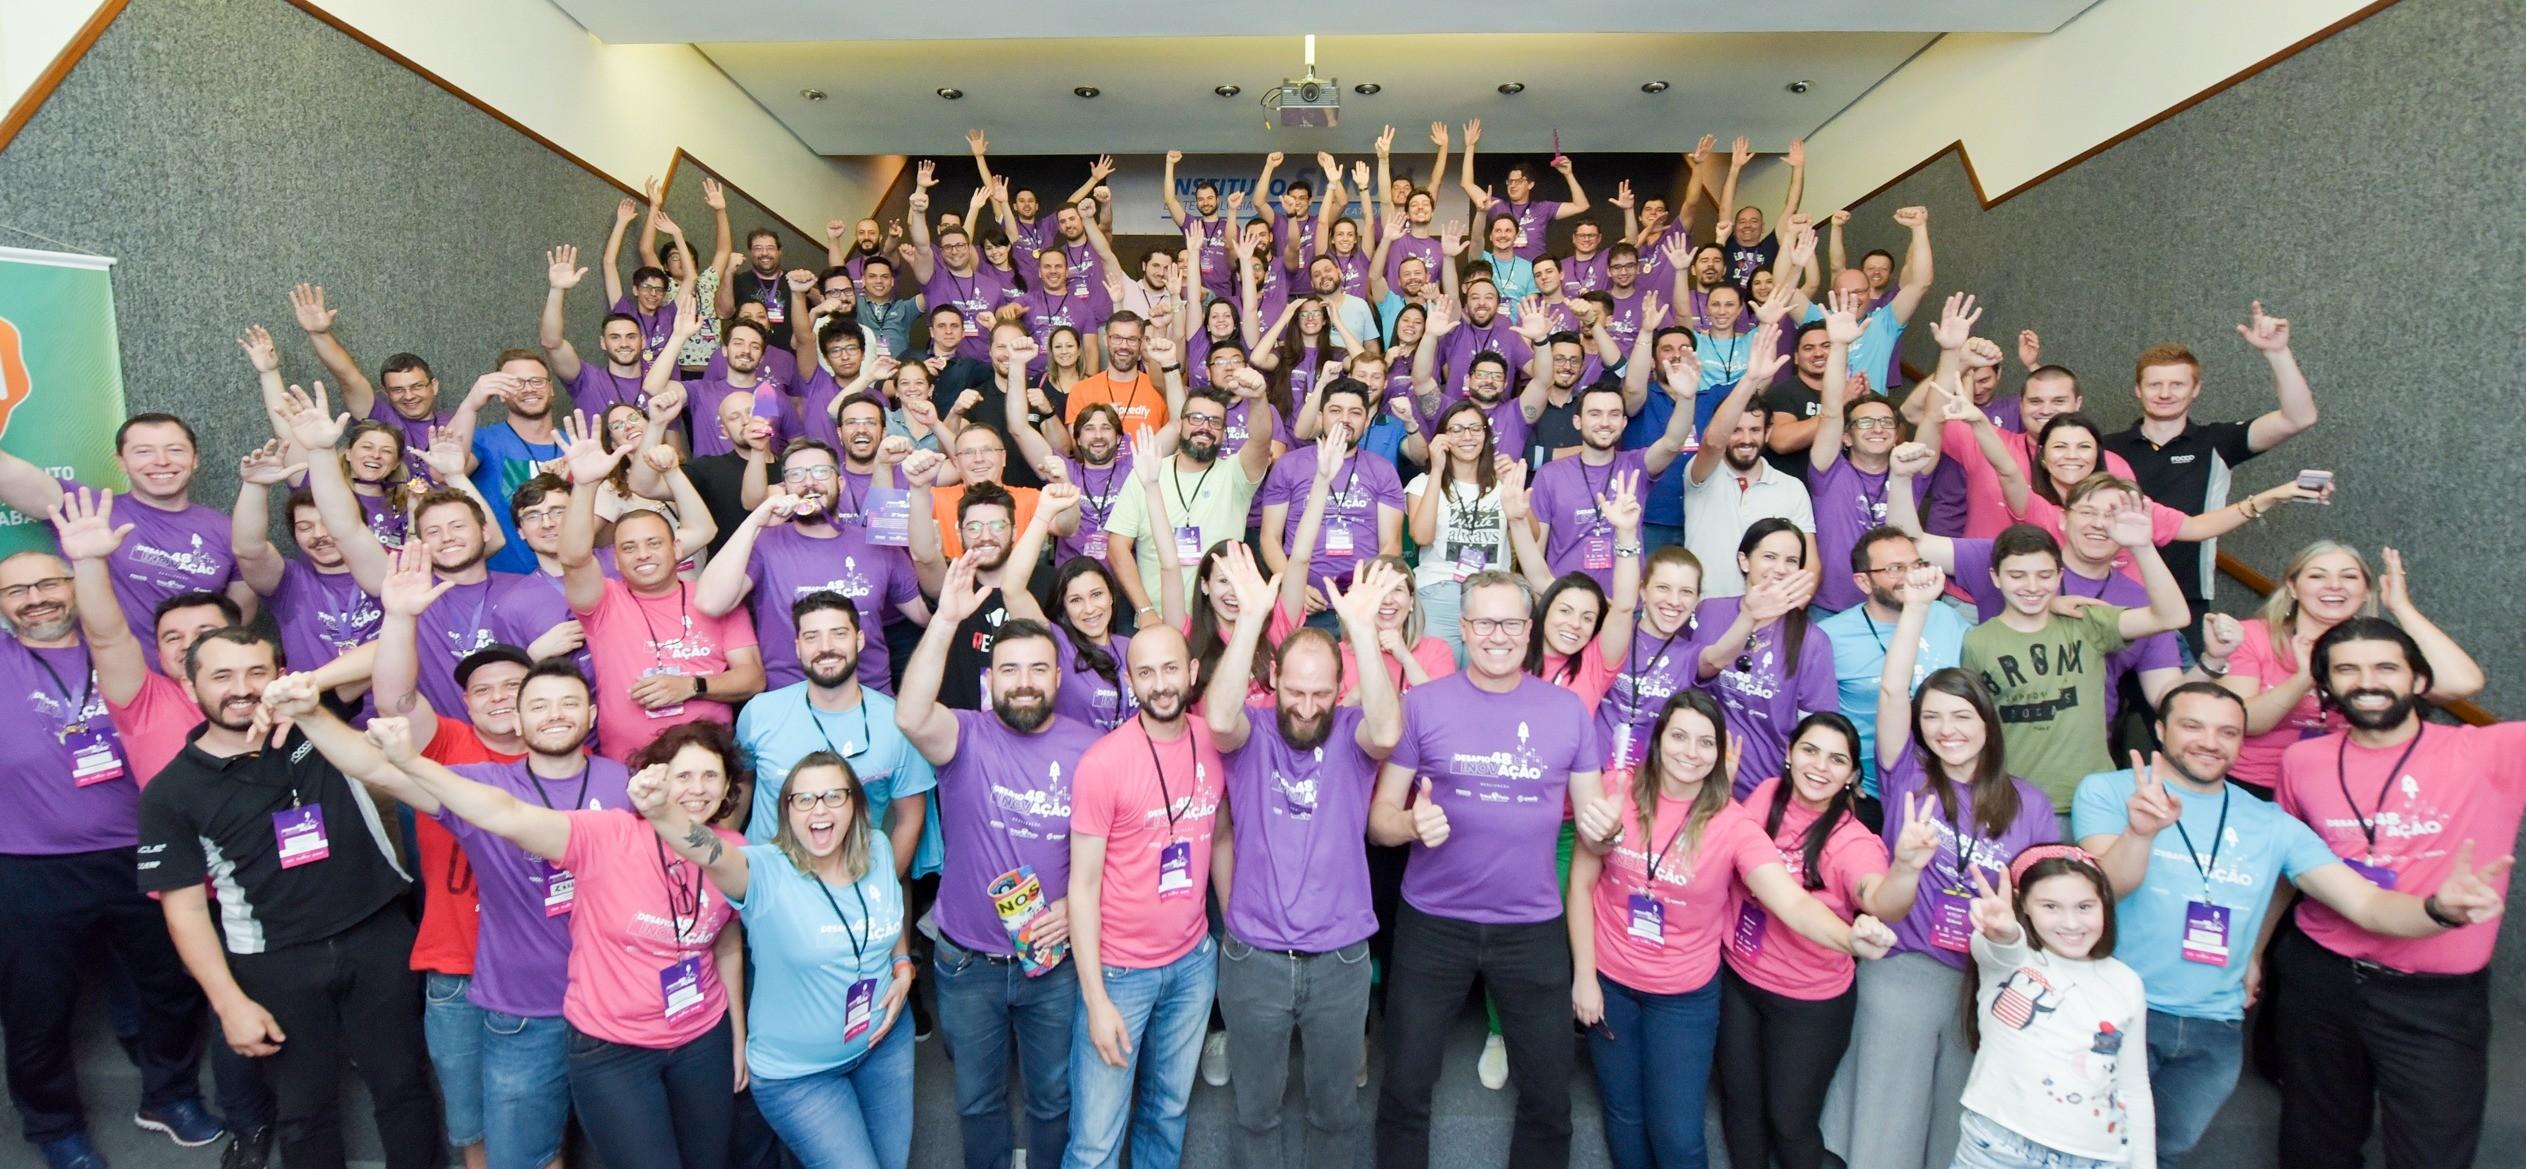 Desafio 48h de Inovação movimenta profissionais de diversas áreas